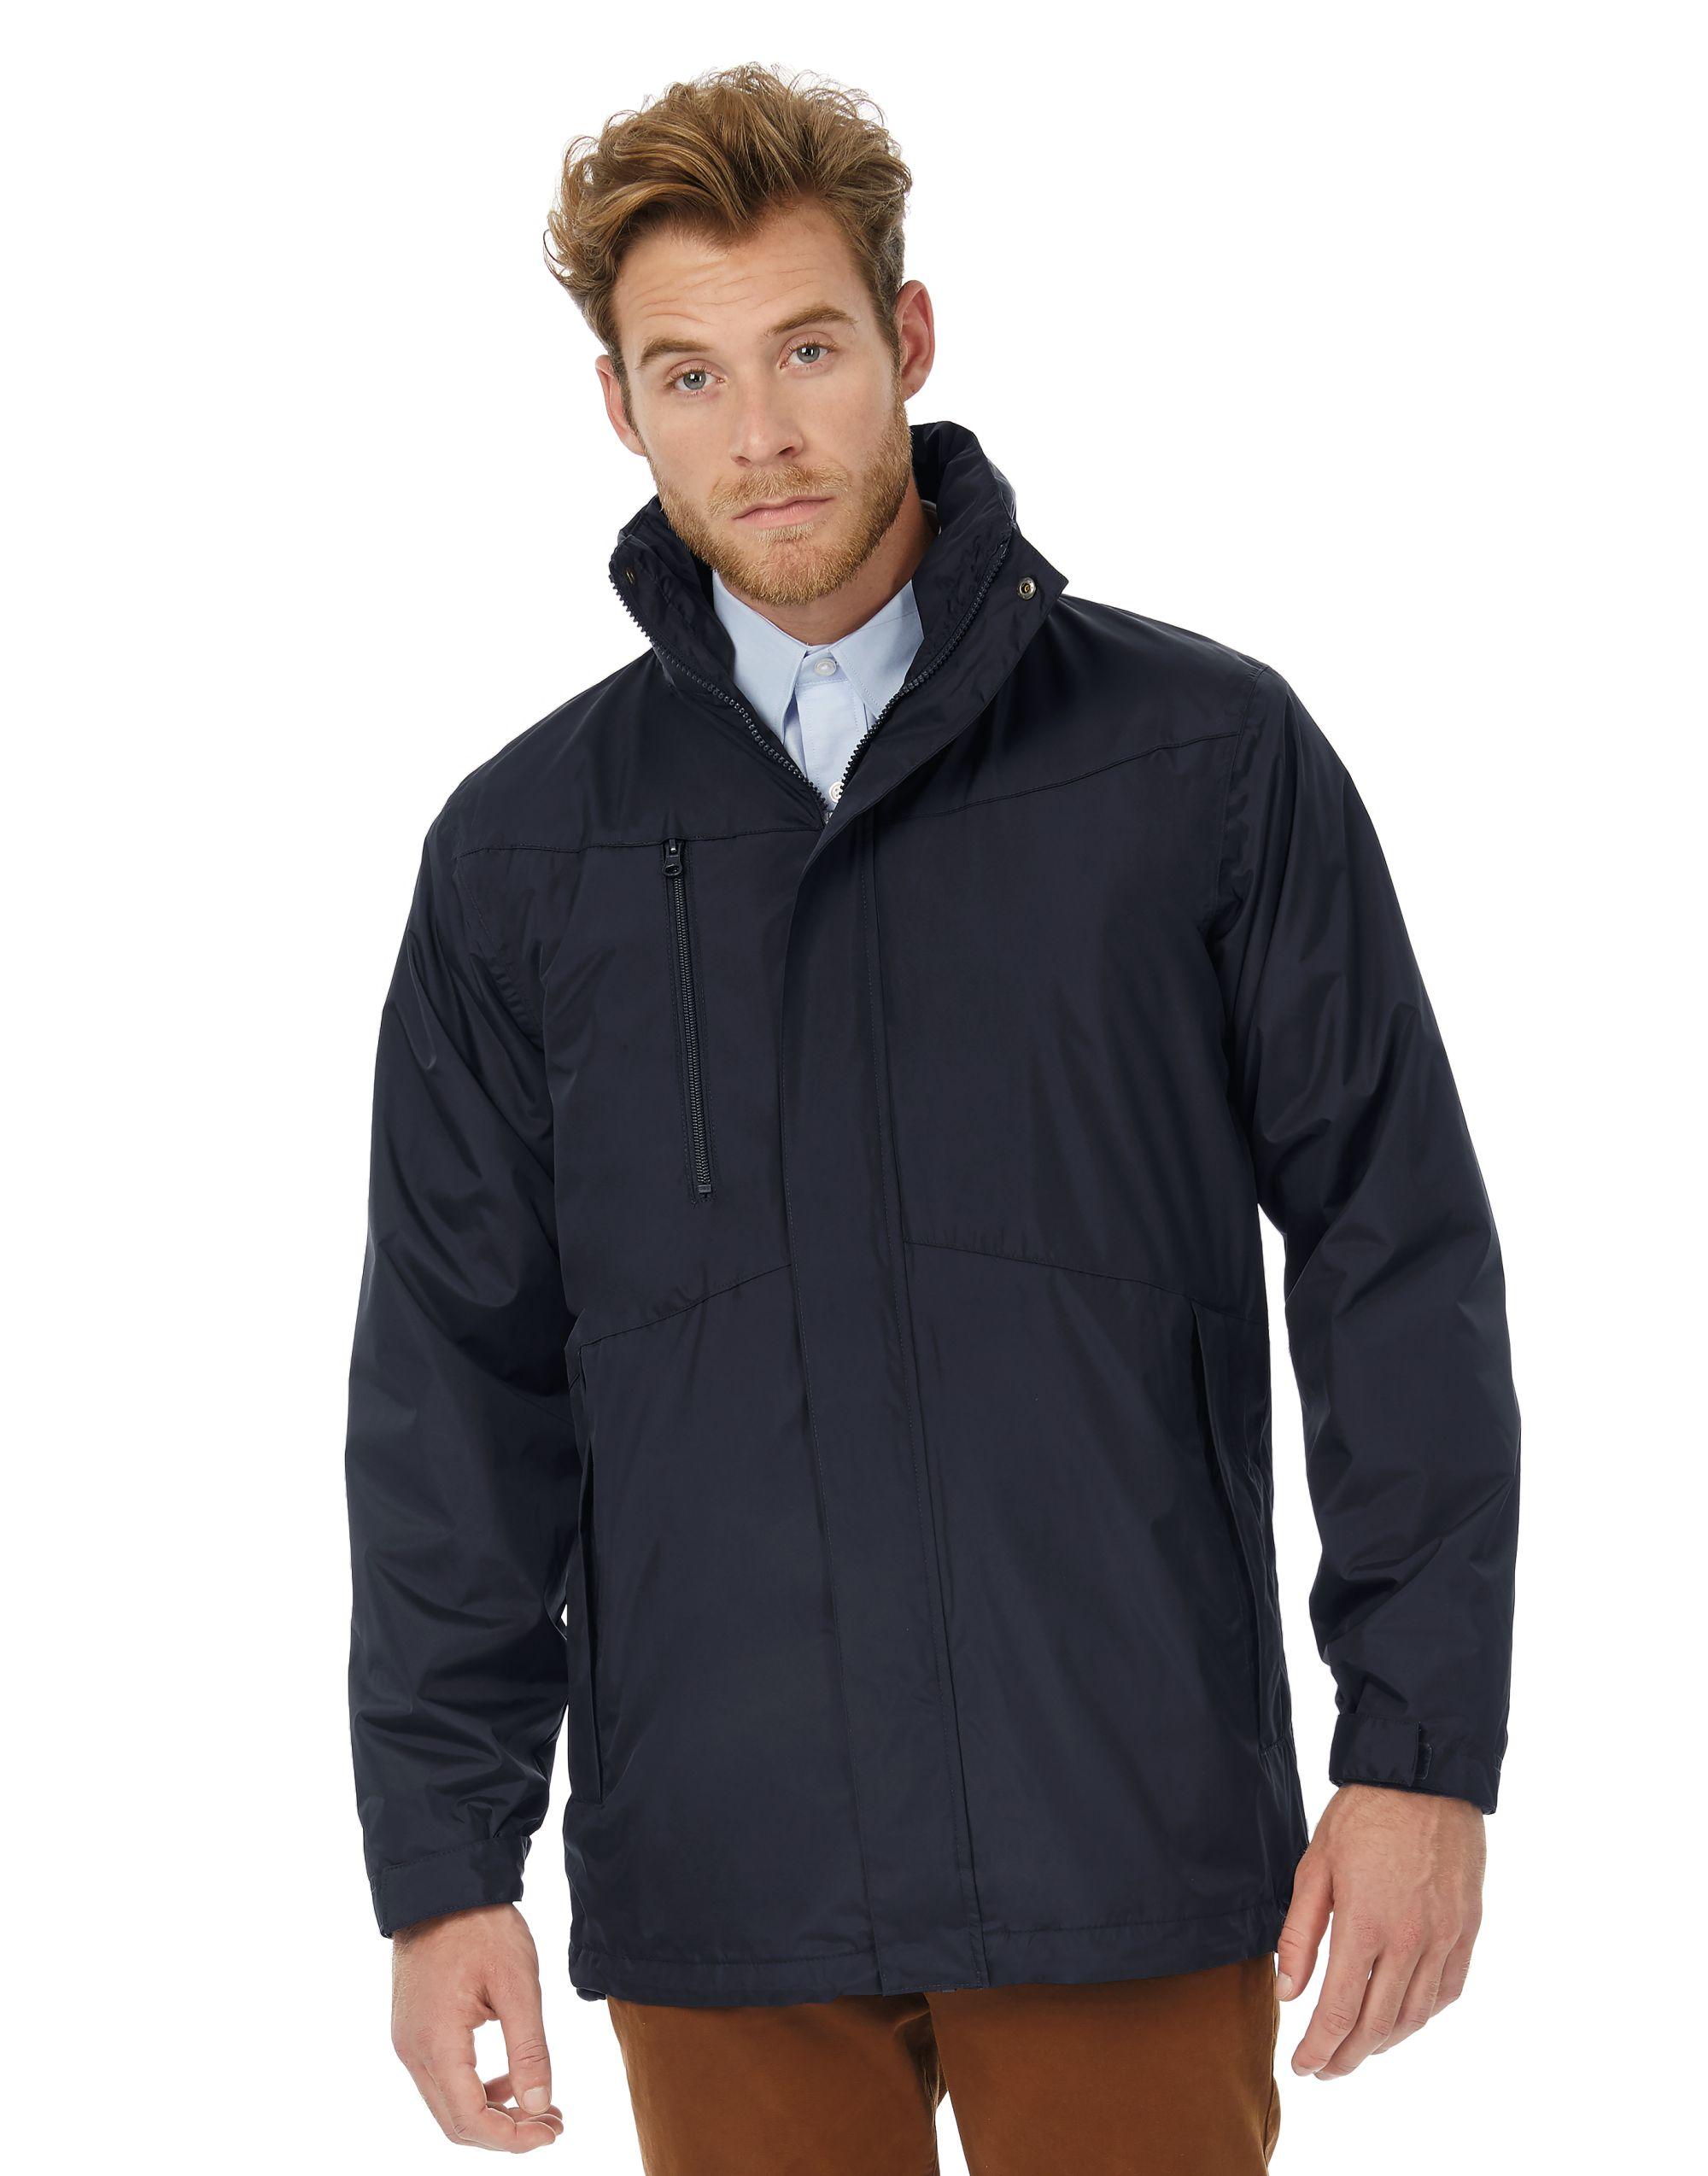 B&C Men's Corporate 3-in-1 Jacket